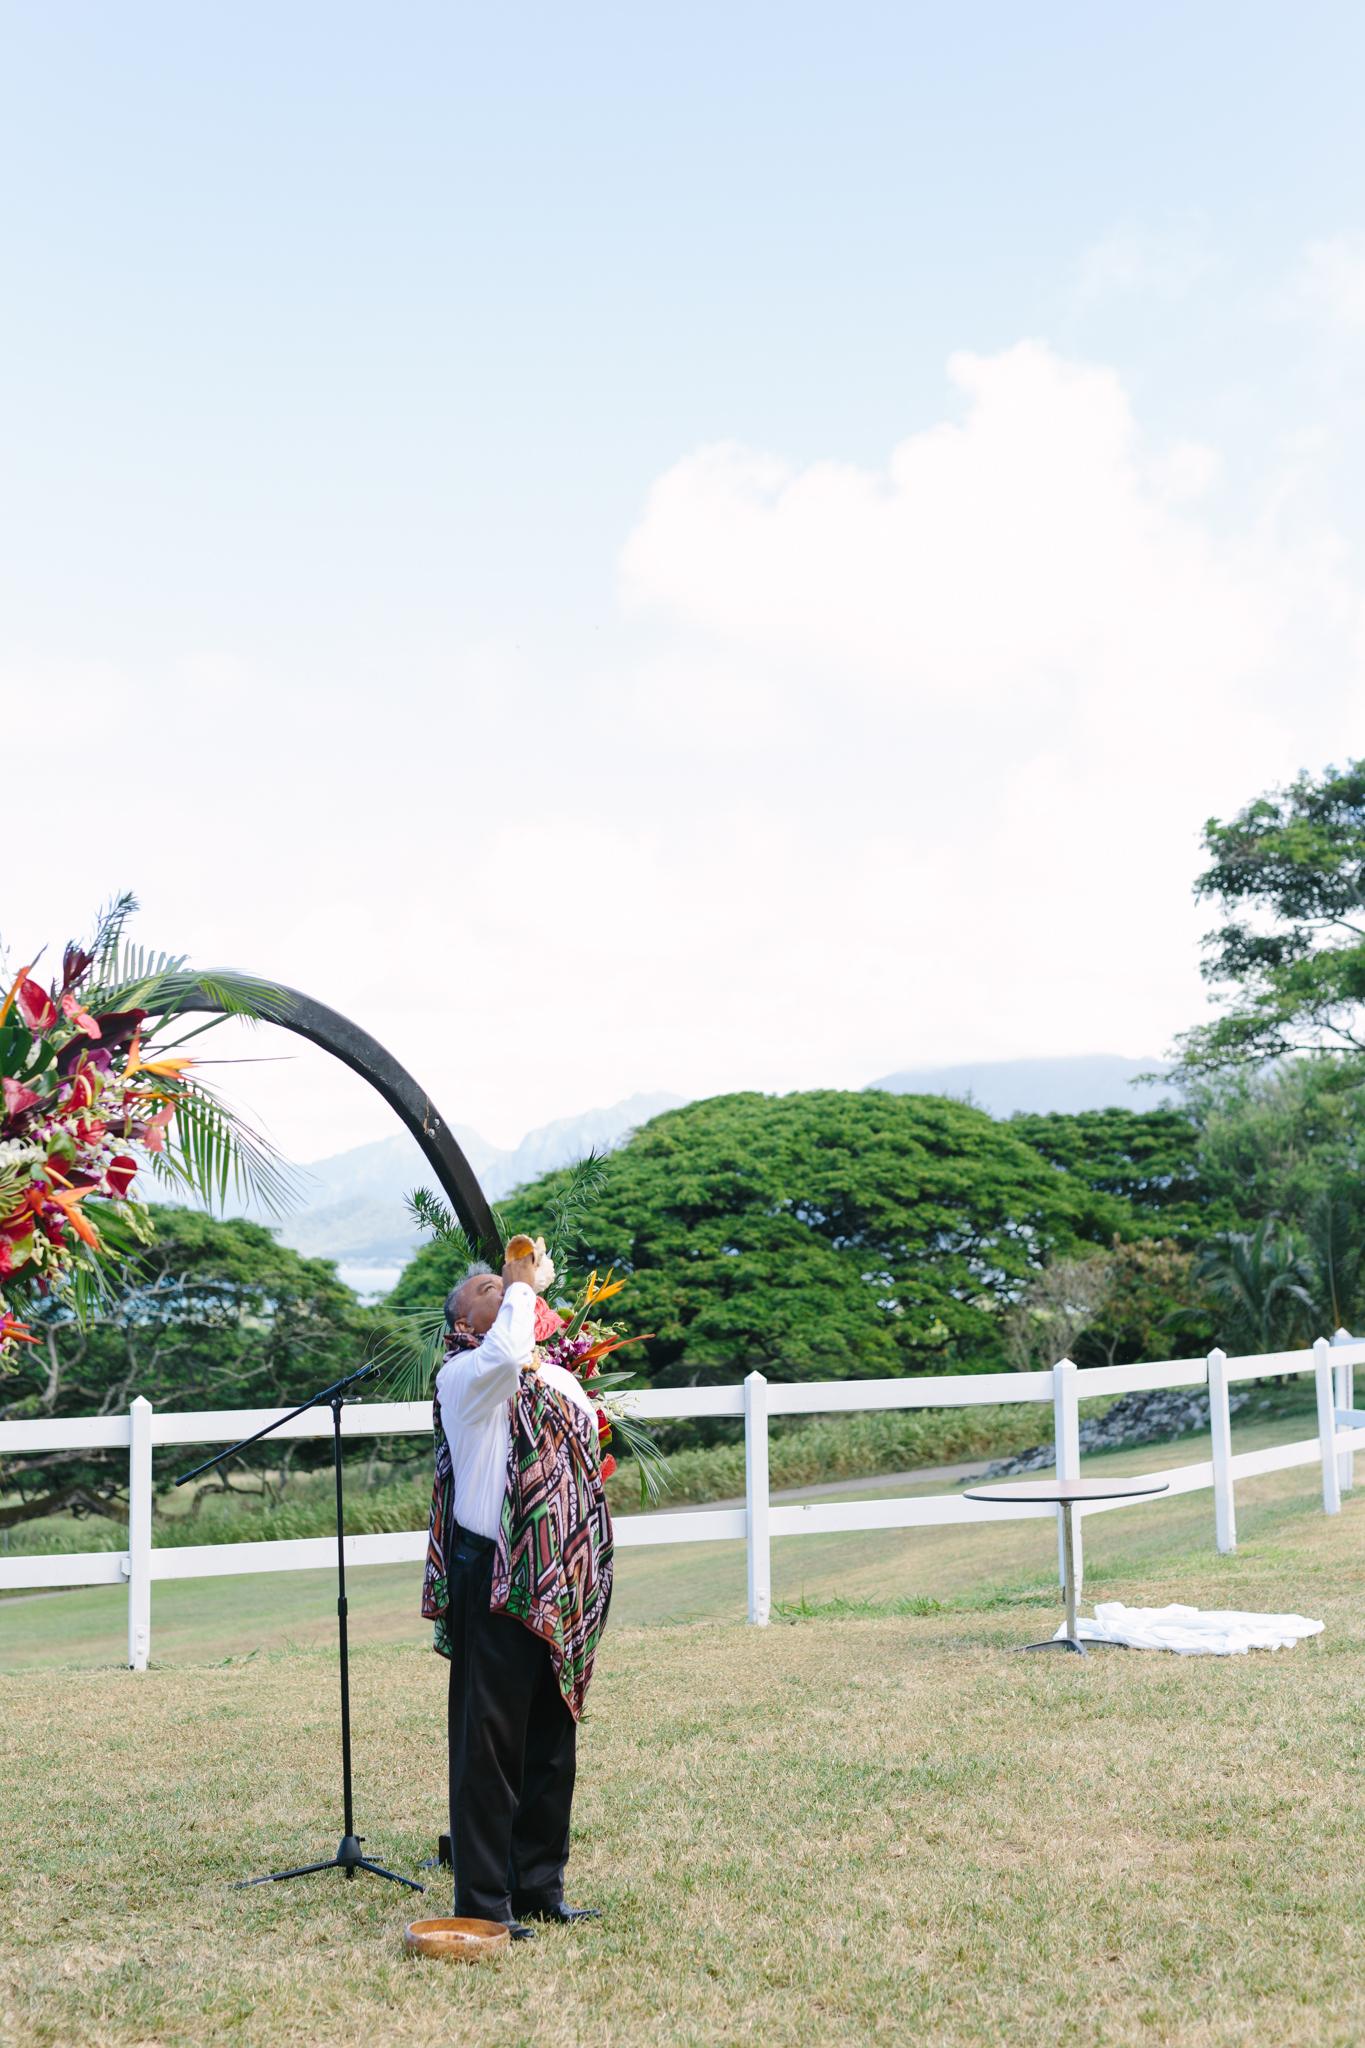 kualoa_ranch_wedding_photography_tone_hawaii-47.jpg